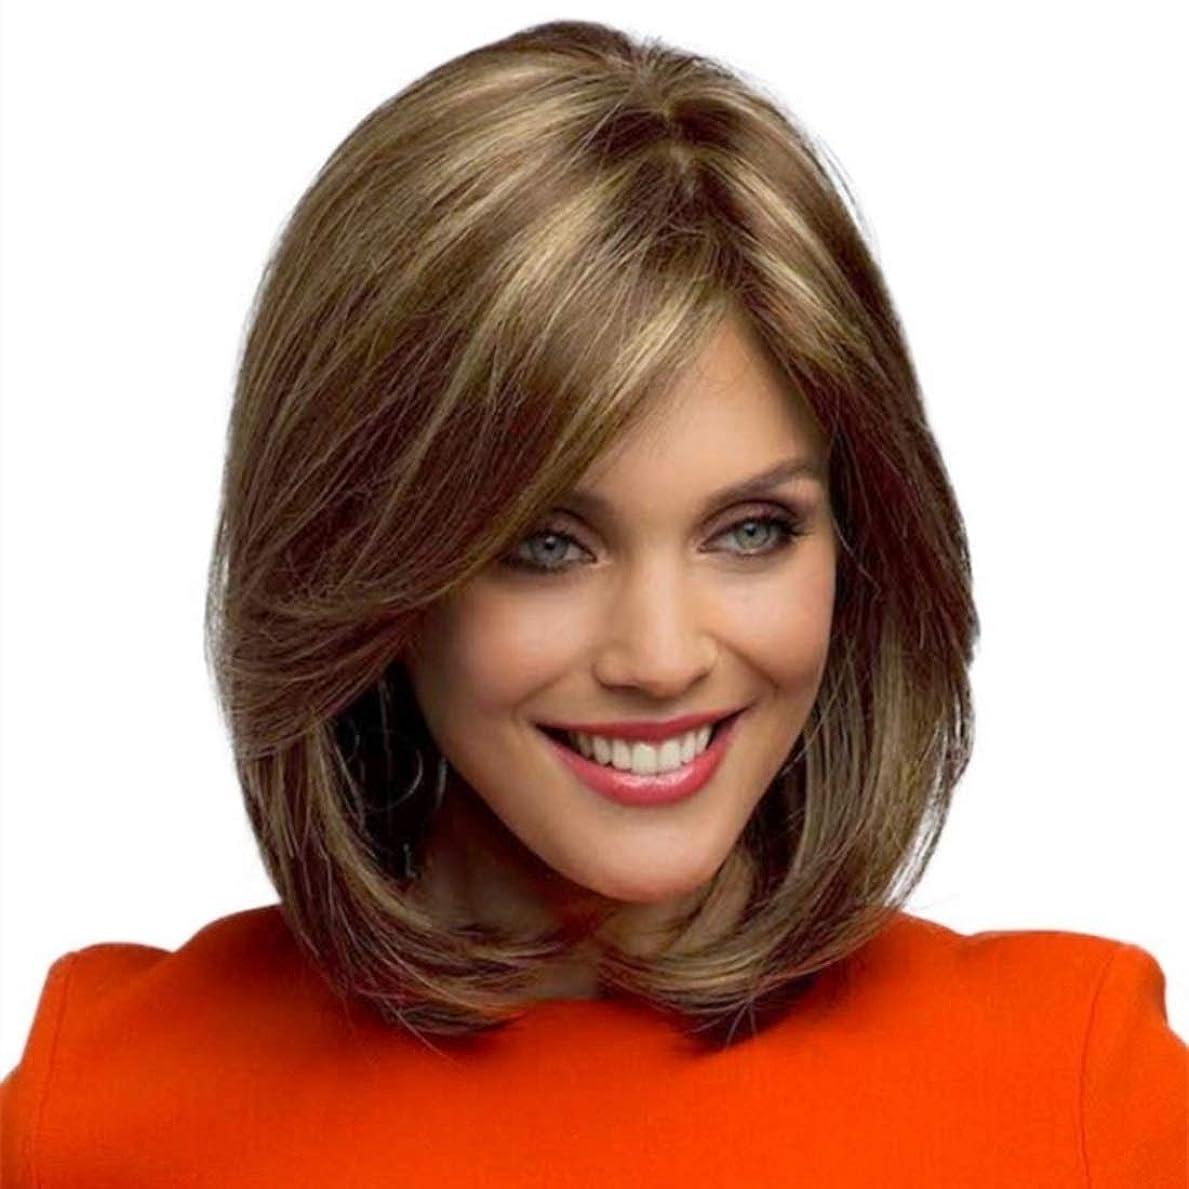 競うレンジほぼSummerys ボブウィッグショートストレート人工毛フルウィッグナチュラルに見える耐熱性女性用